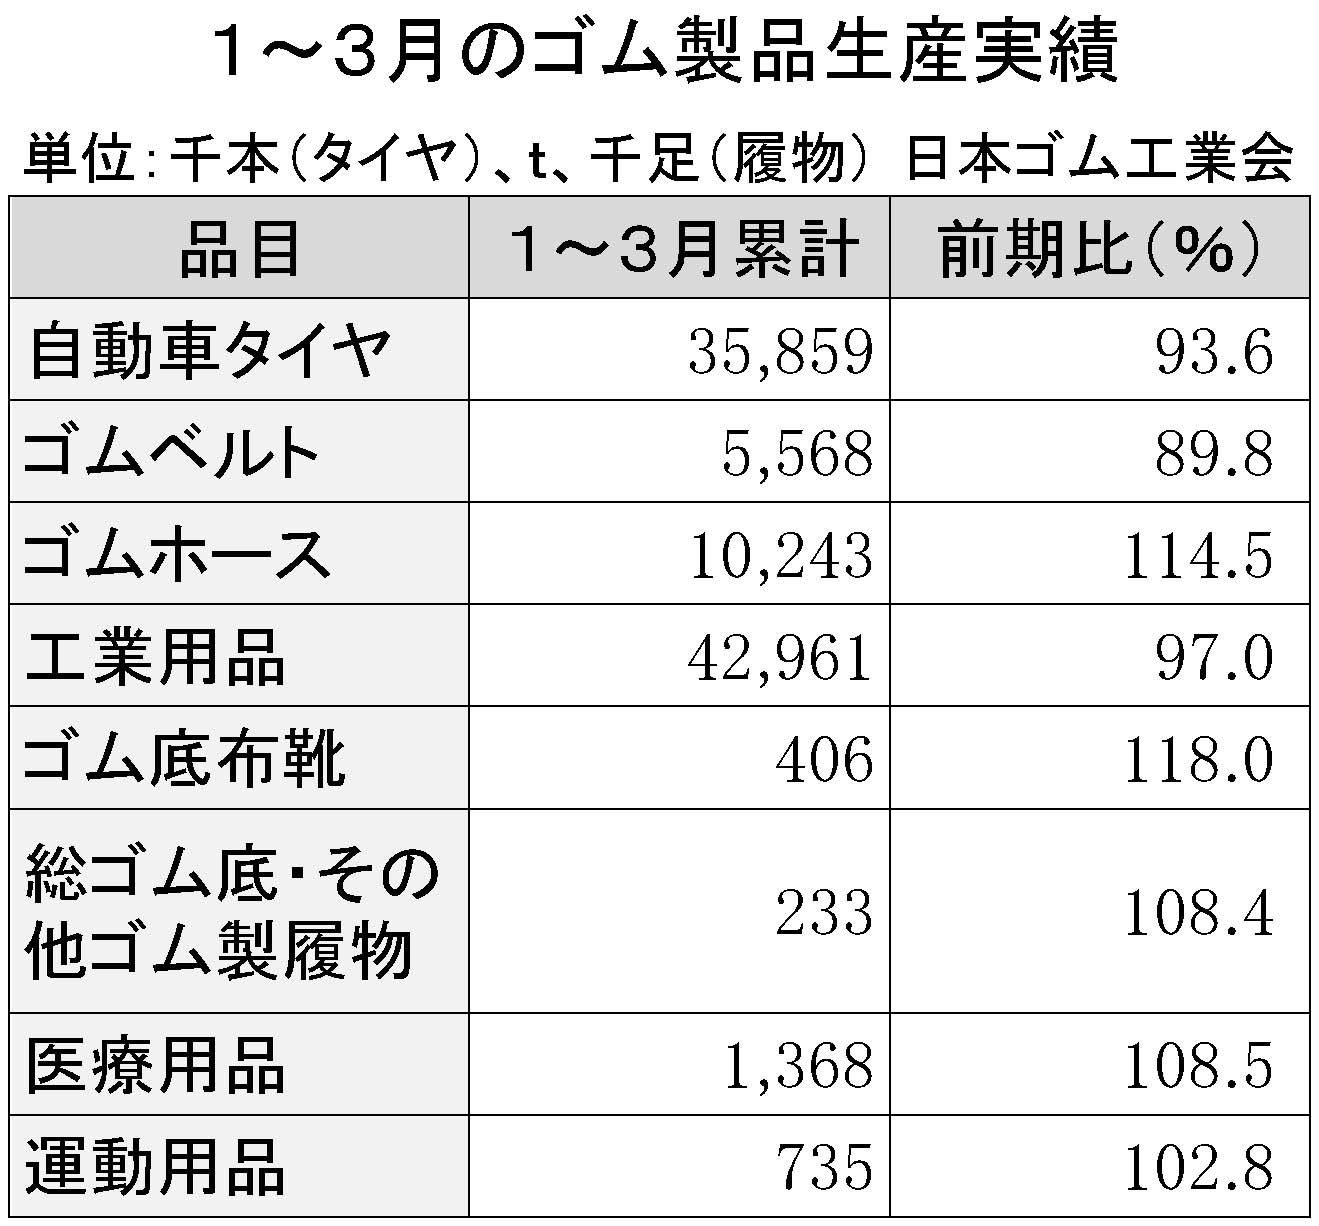 2016年1-3月ゴム製品生産実績